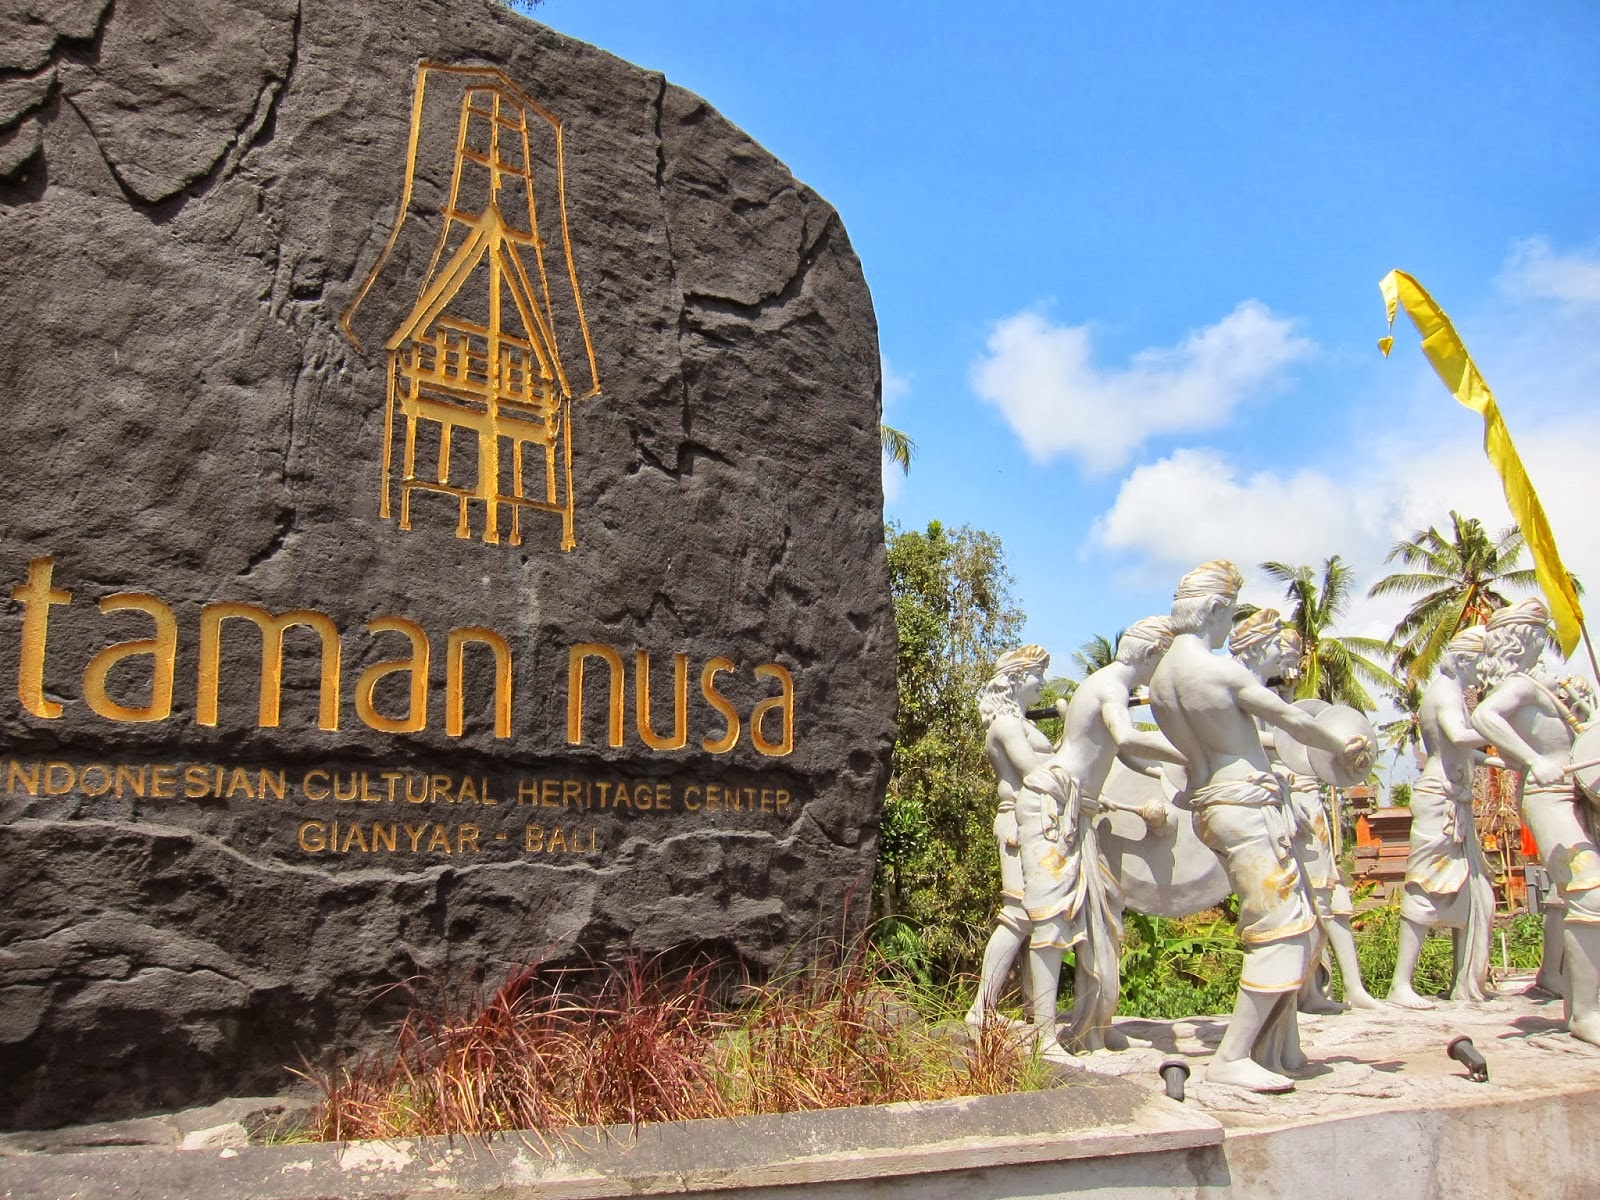 Lowongan Kerja Di Taman Nusa Gianyar Tersedia Berbagai Posisi Lowongan Kerja Di Bali